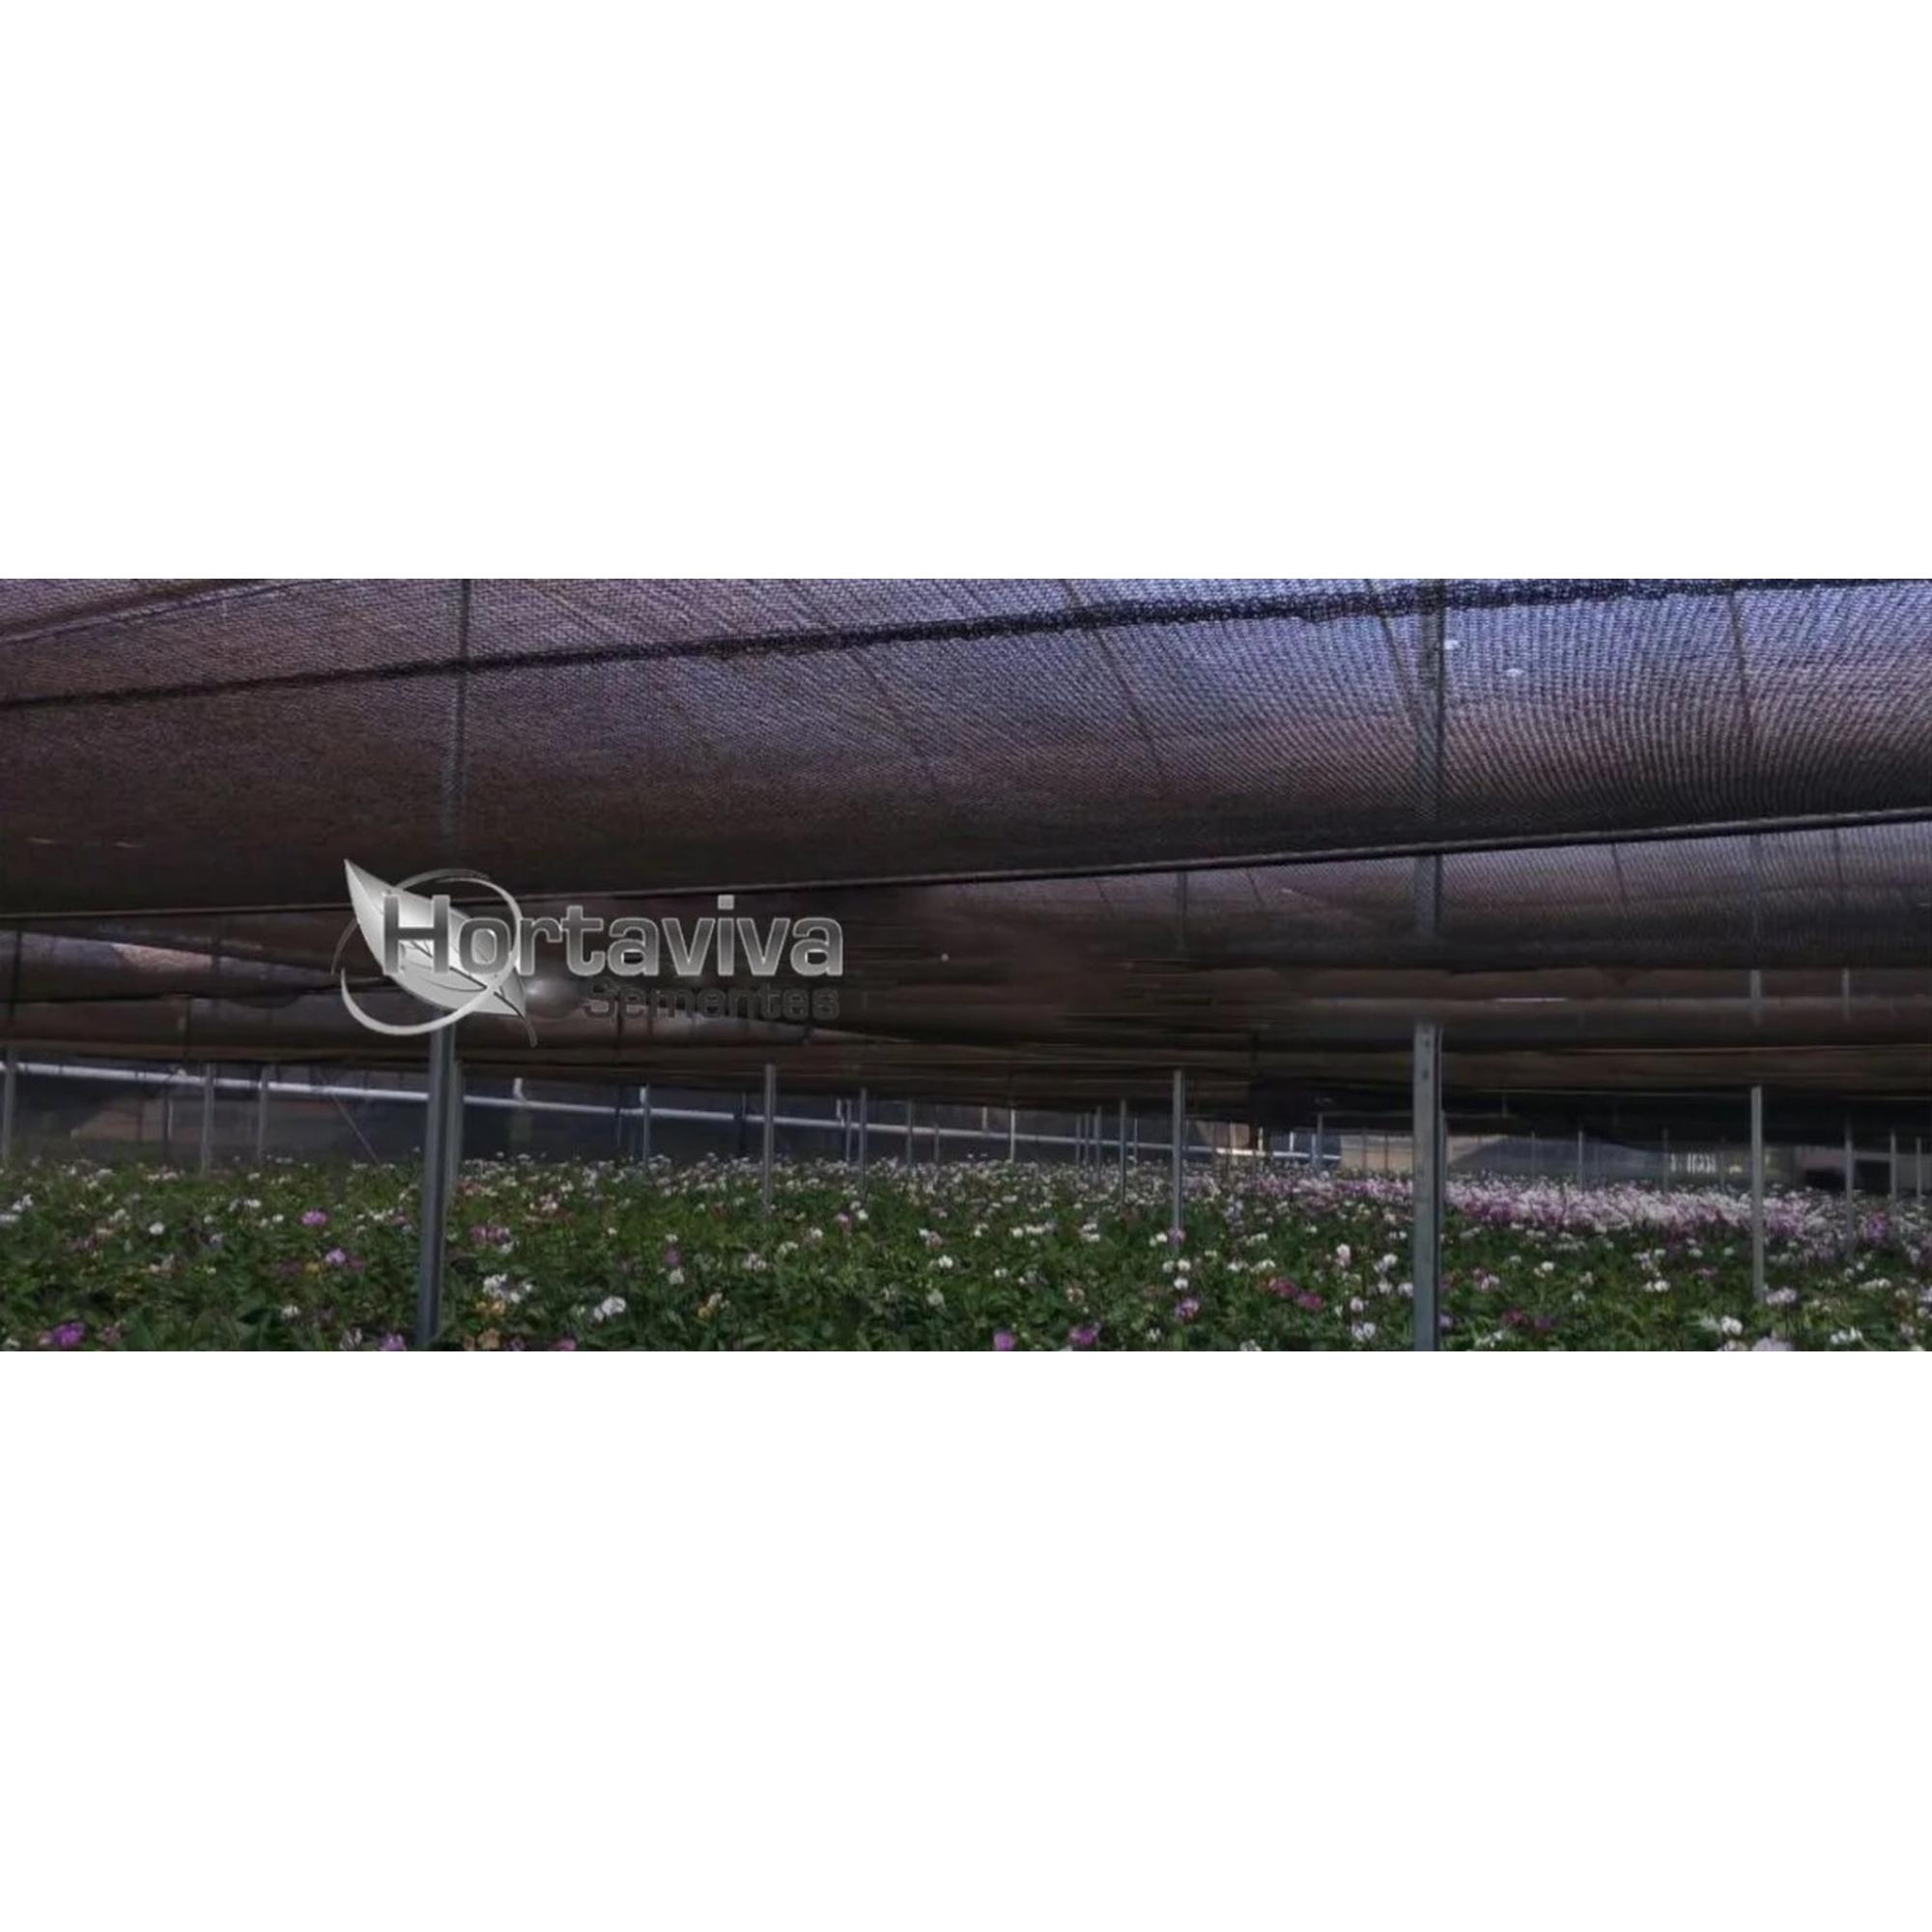 Tela de Sombreamento Preta 50% - 2 Metros x 200 Metros